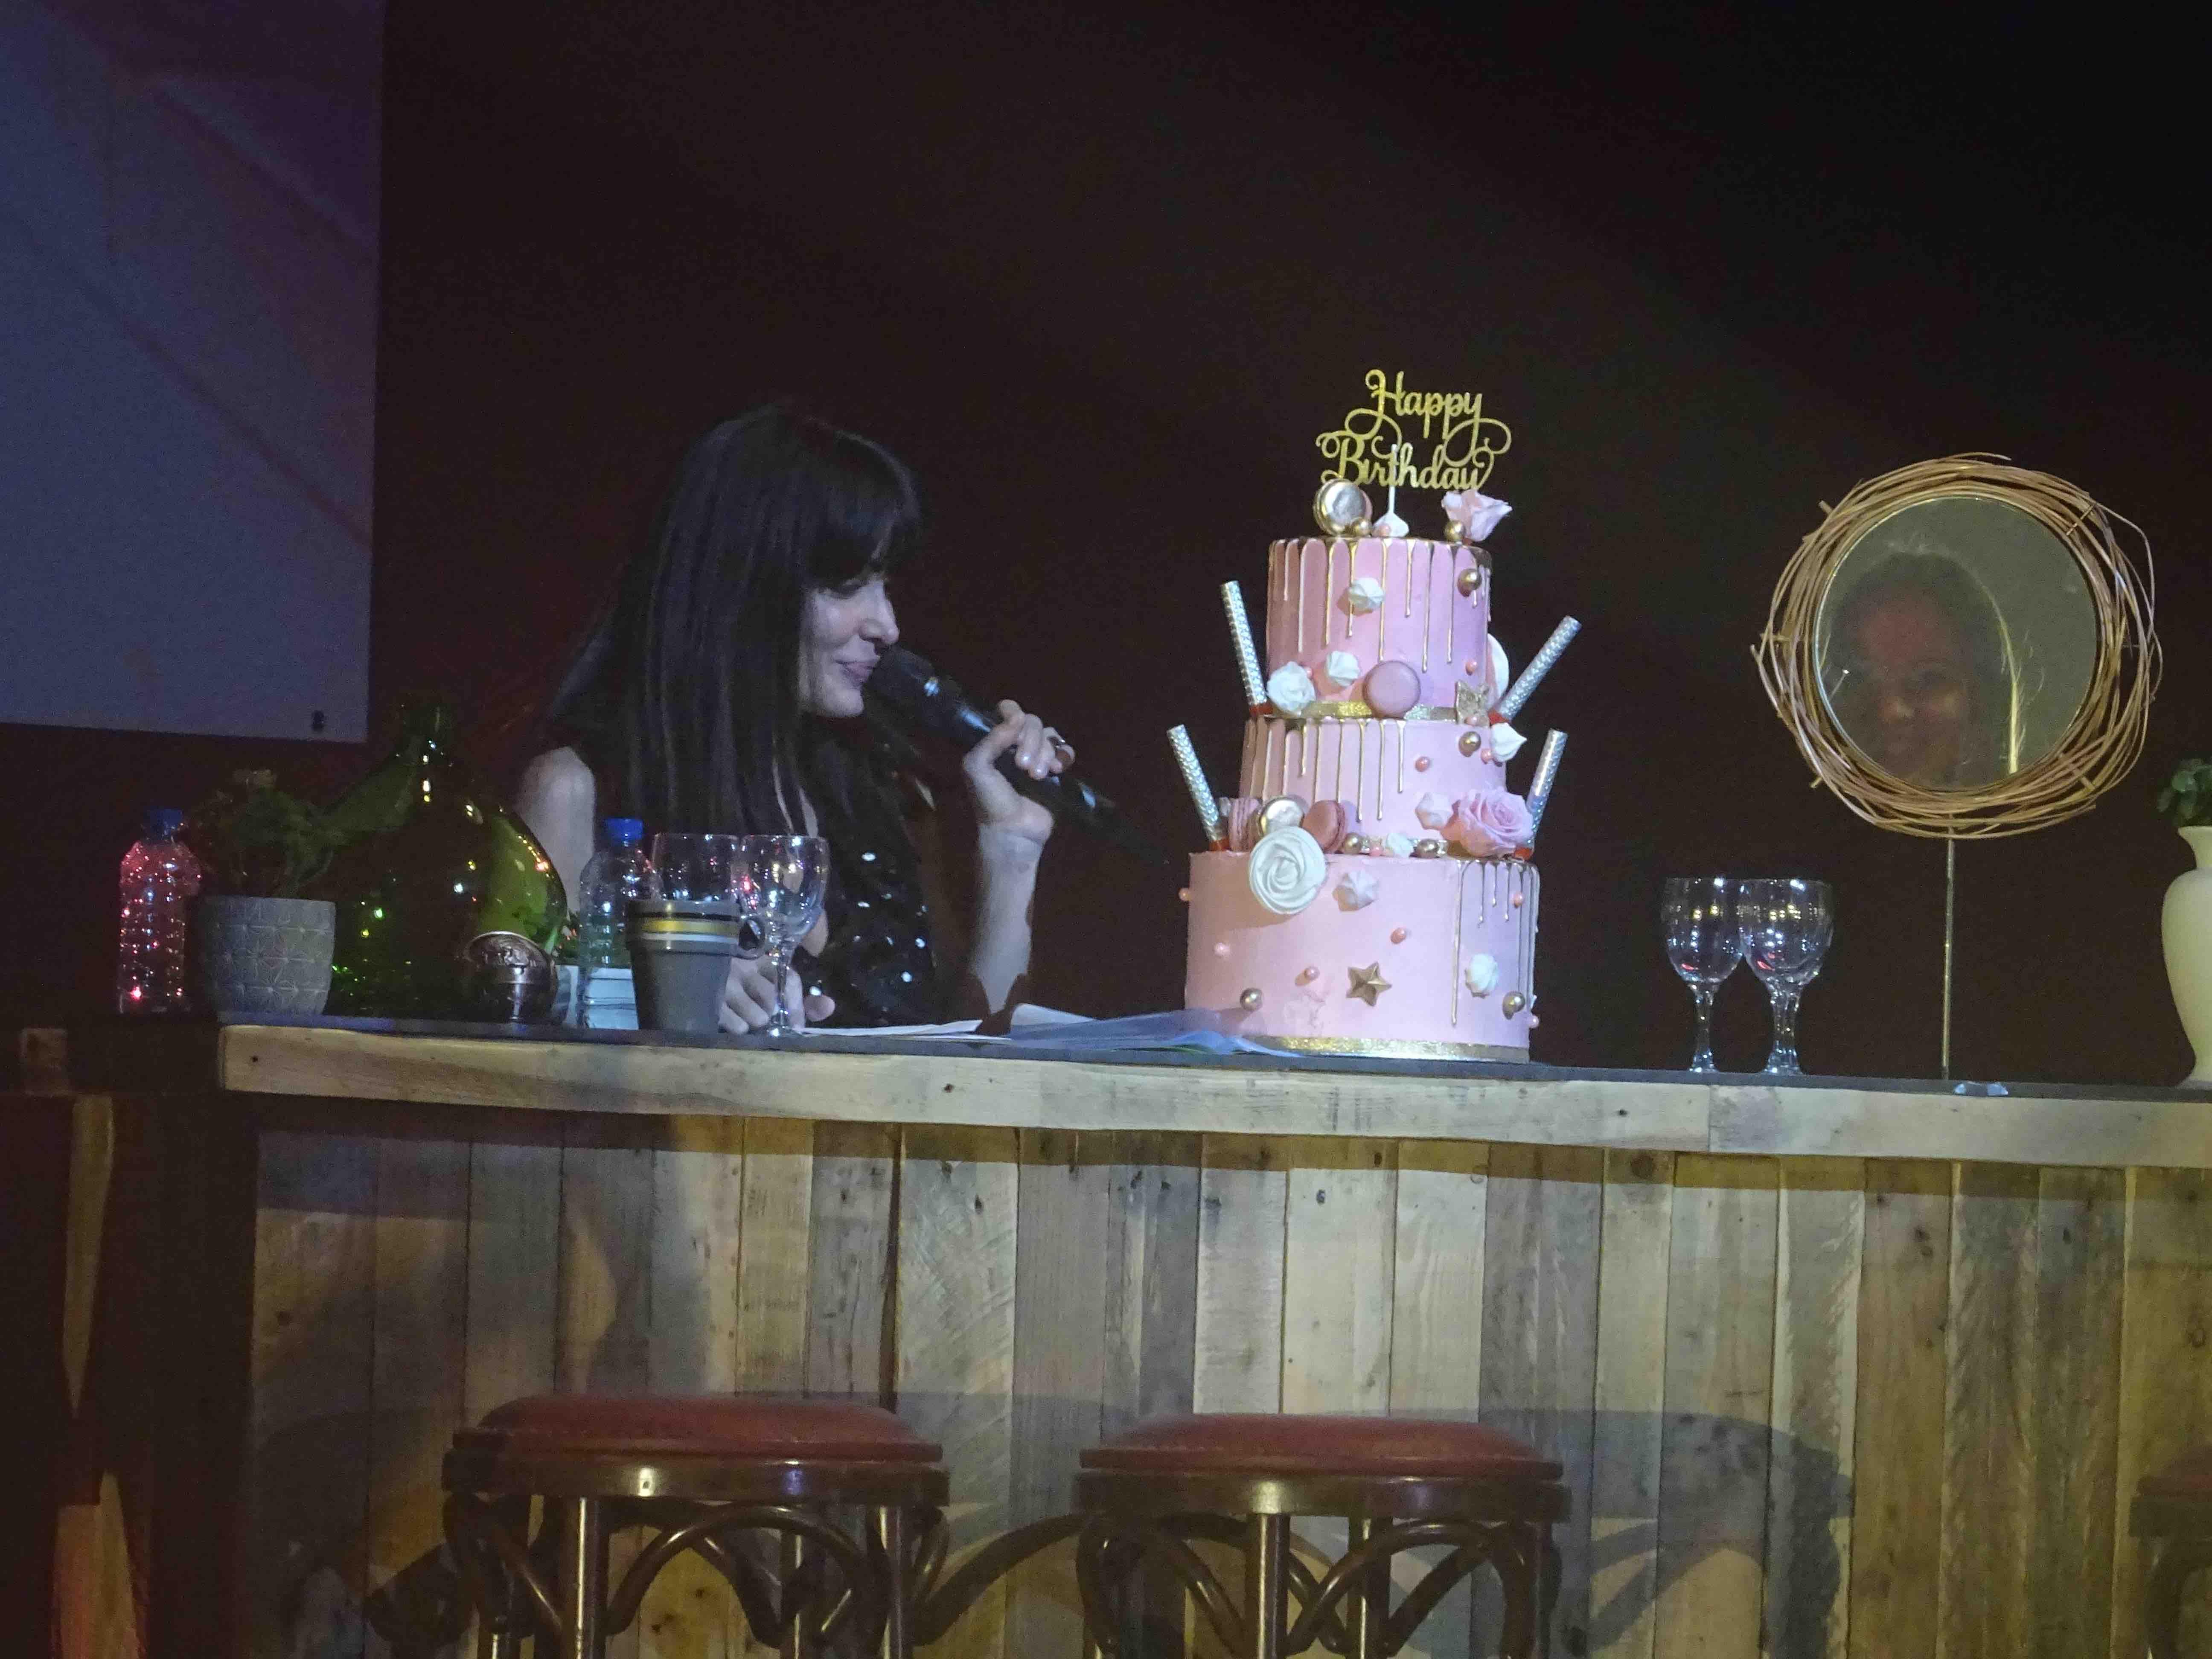 Jenifer - Jenifer fête son anniversaire - concert - Seine musicale - Boulogne Billancourt